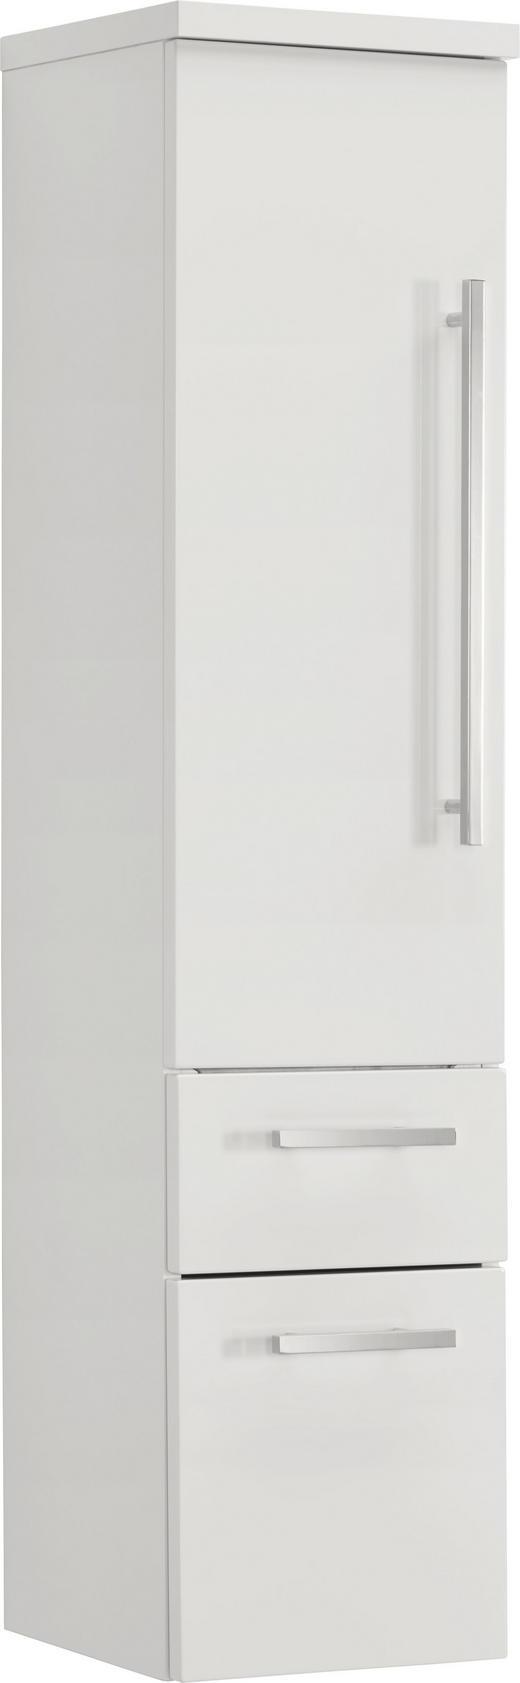 MIDISCHRANK Weiß - Silberfarben/Weiß, Design, Glas (30/130,8/30cm) - Novel